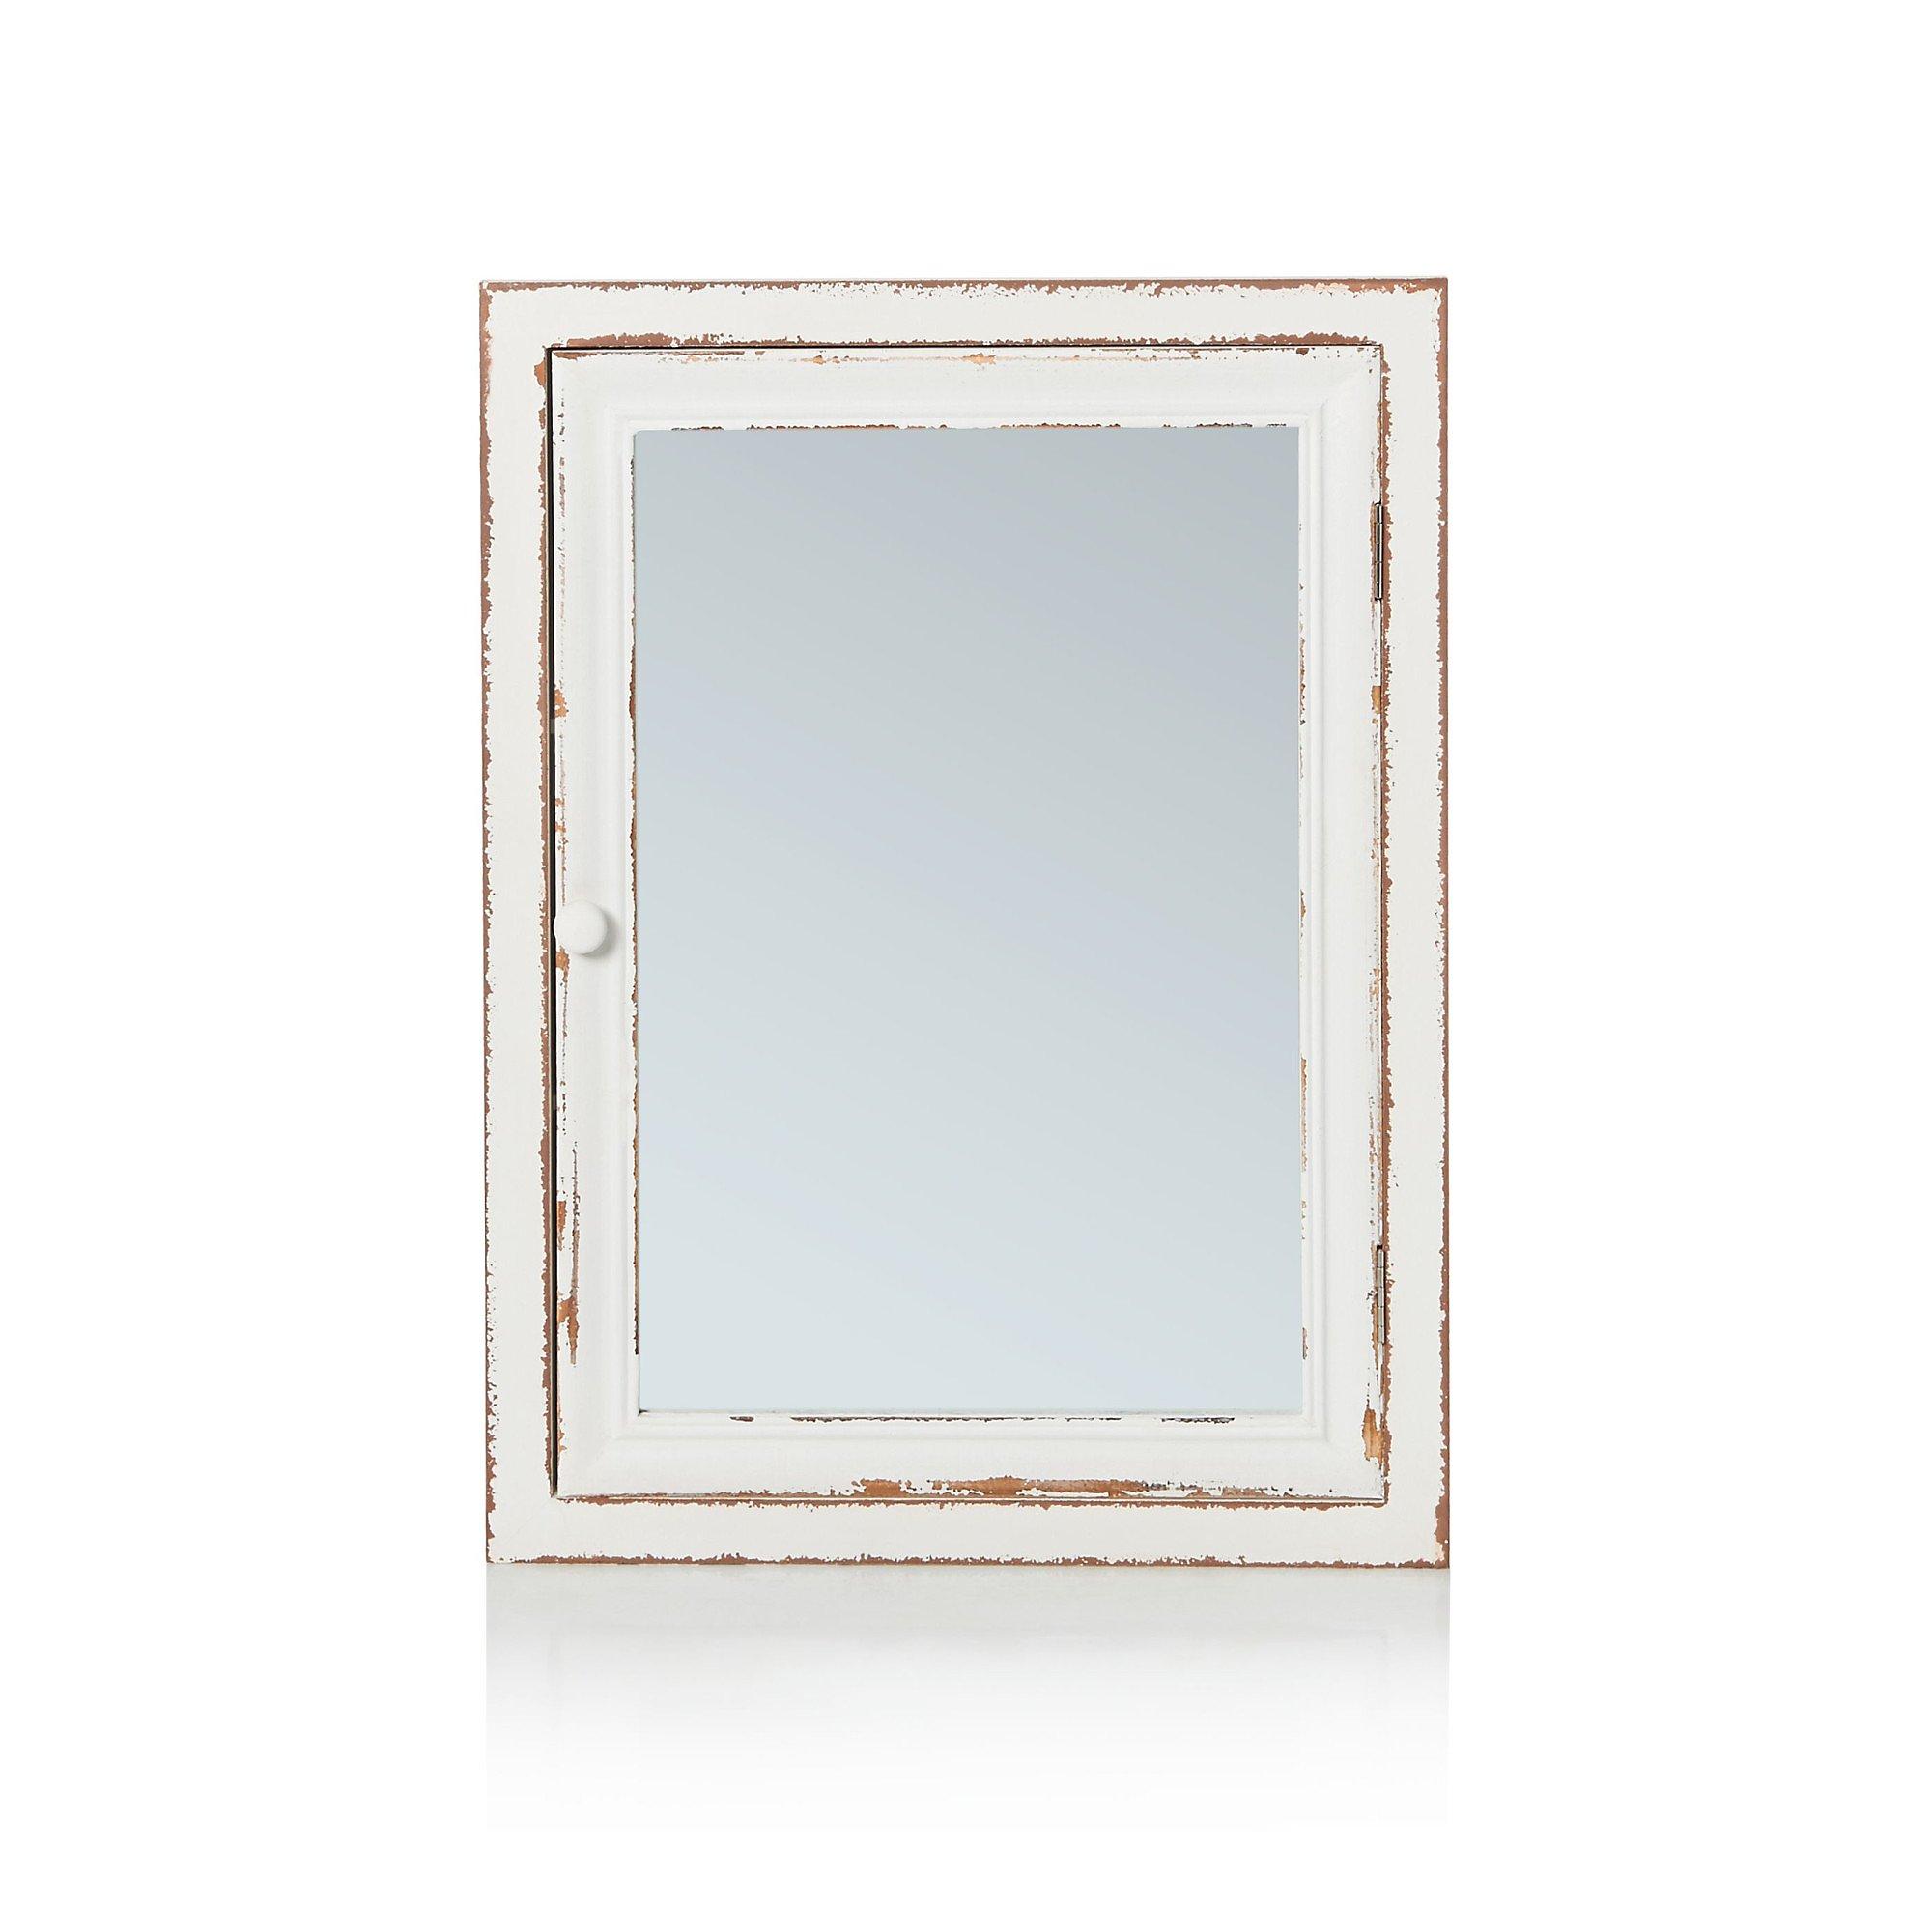 IMPRESSIONEN living Spiegelschrank Weiß bestellen | Weltbild.de